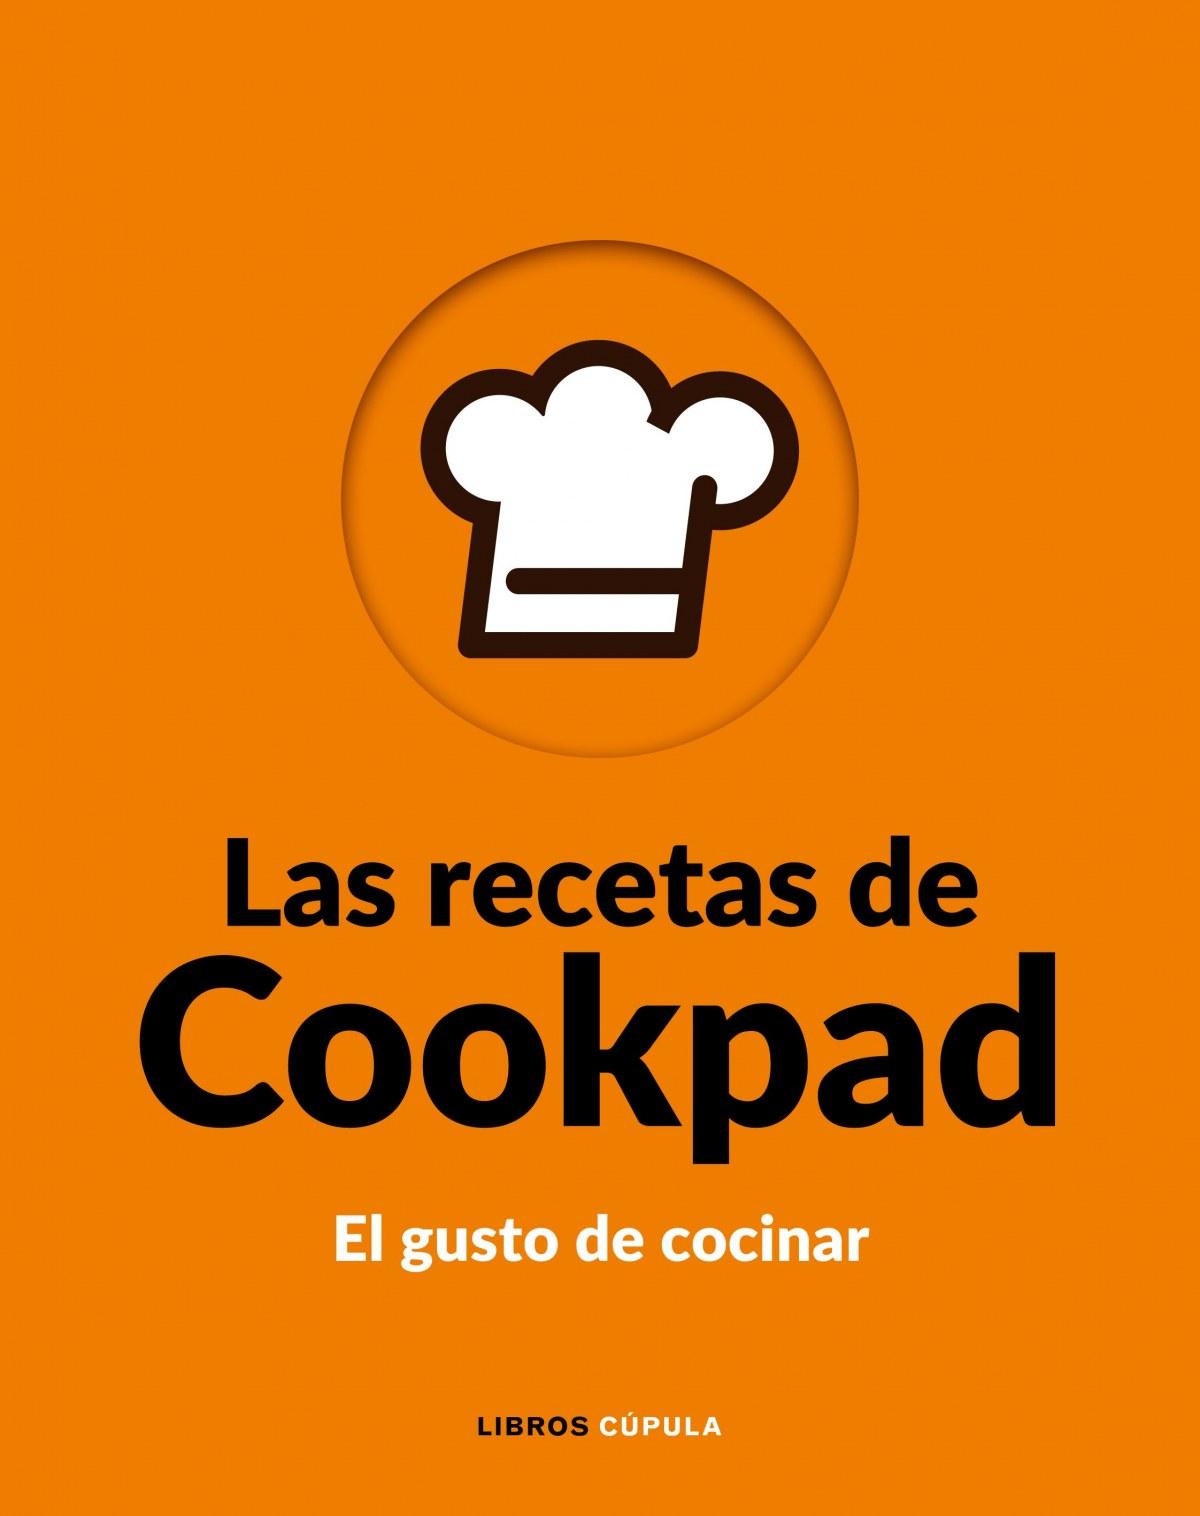 Las recetas de Cookpad